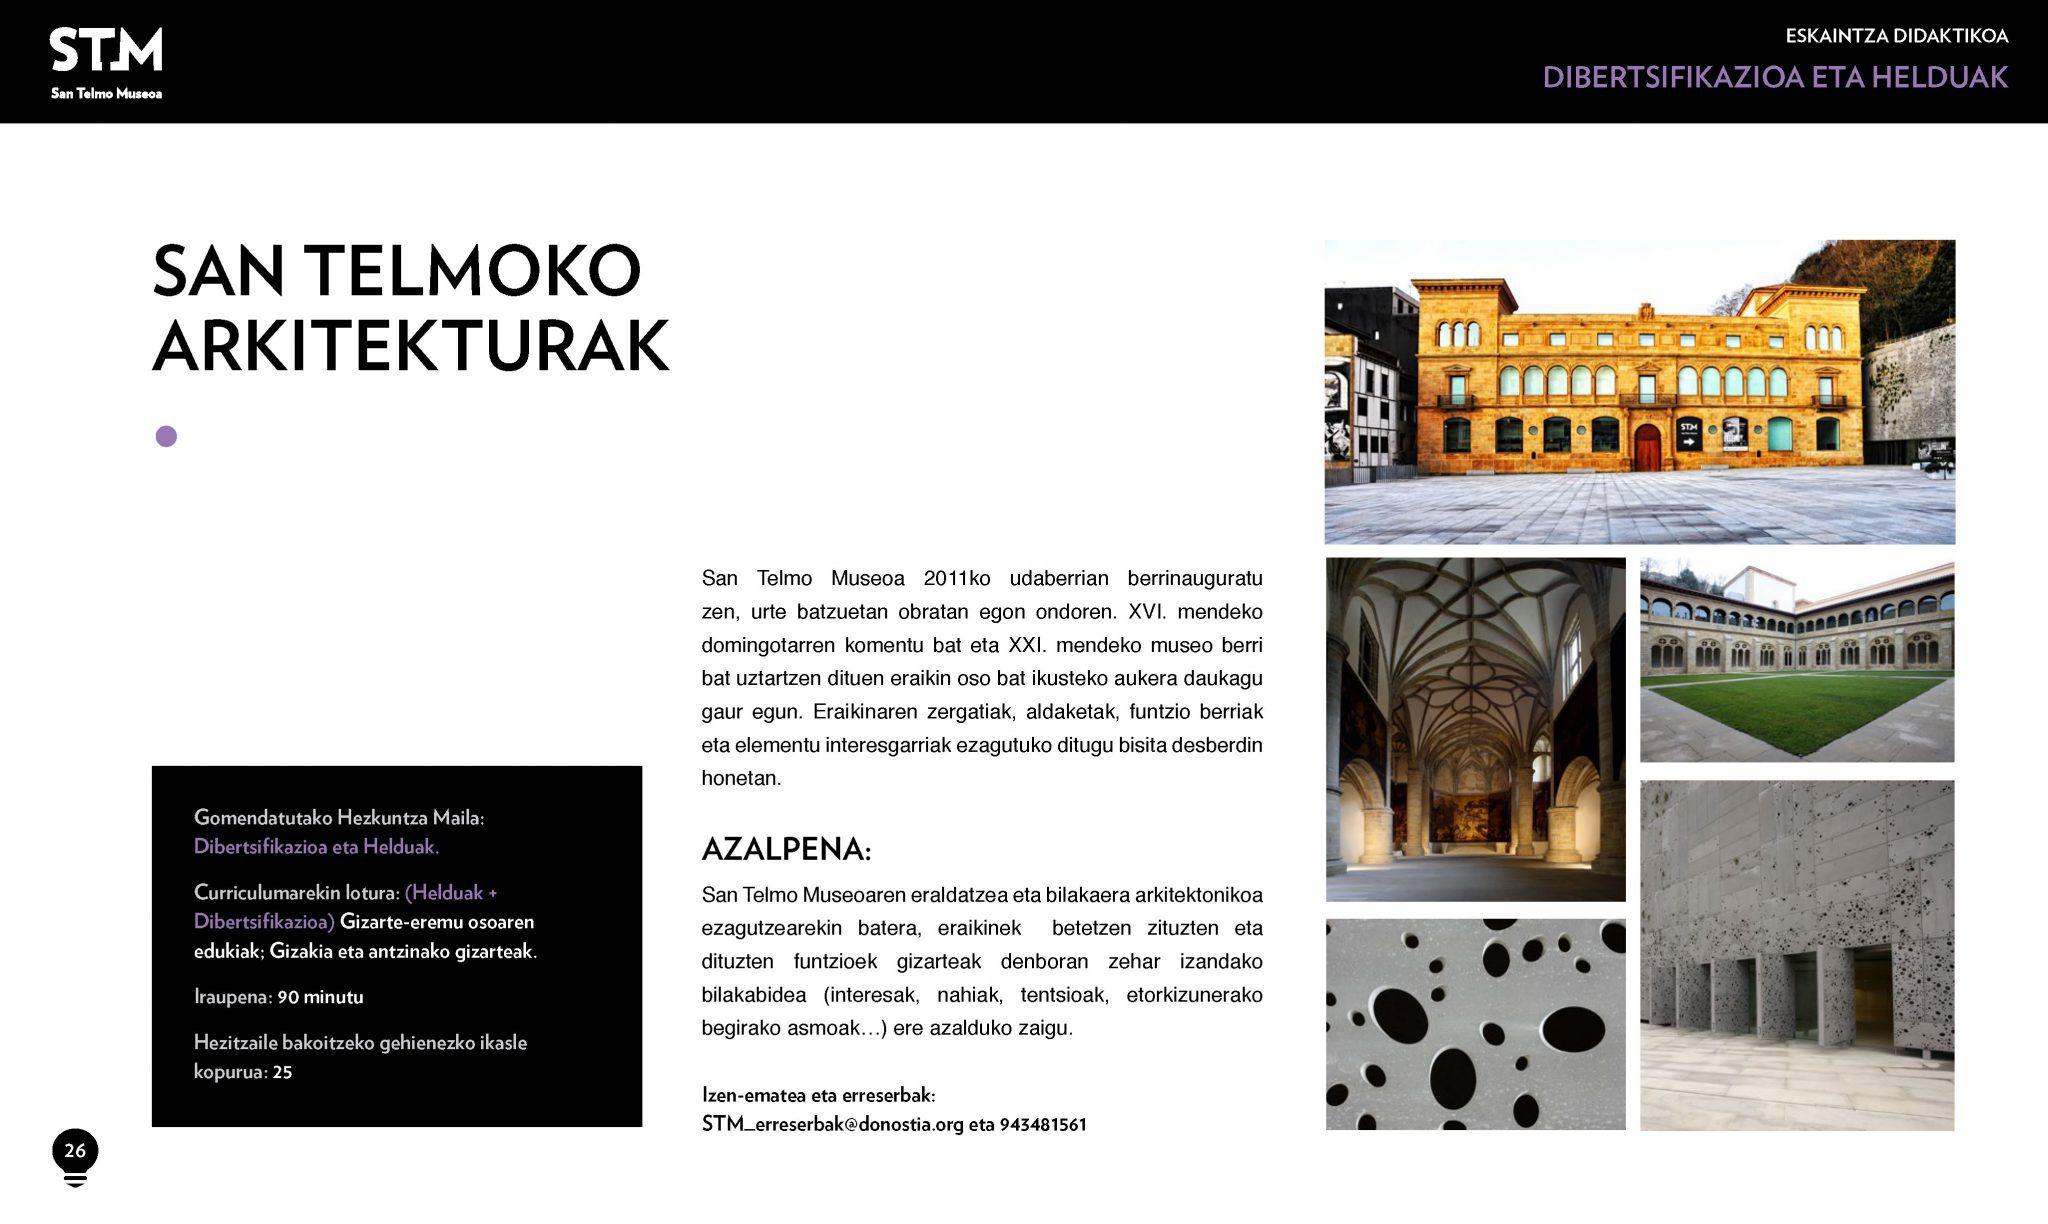 katalogo_programak_V6_Página_26